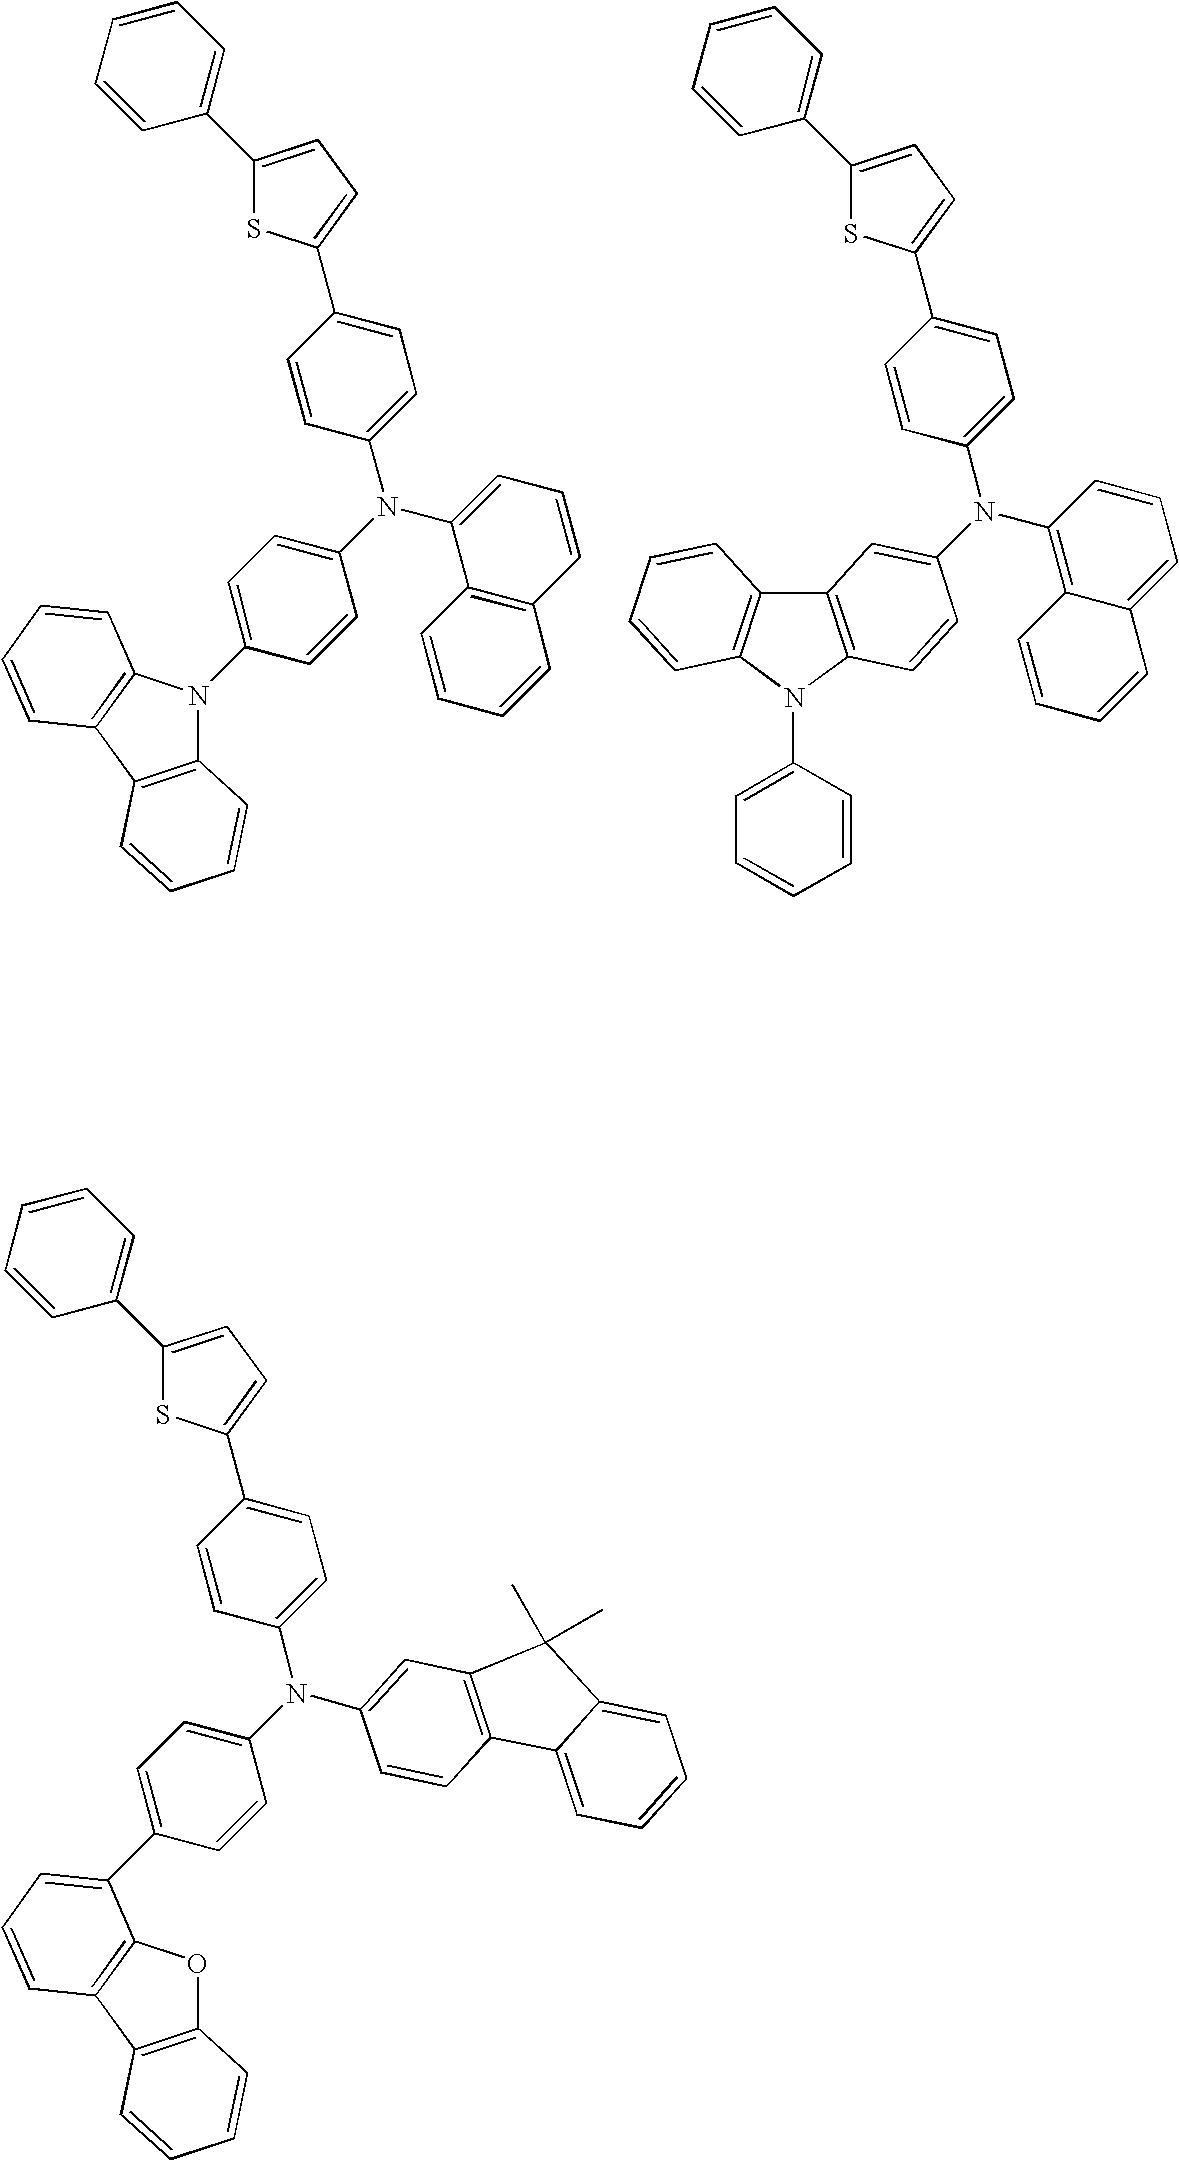 Figure US20090066235A1-20090312-C00015